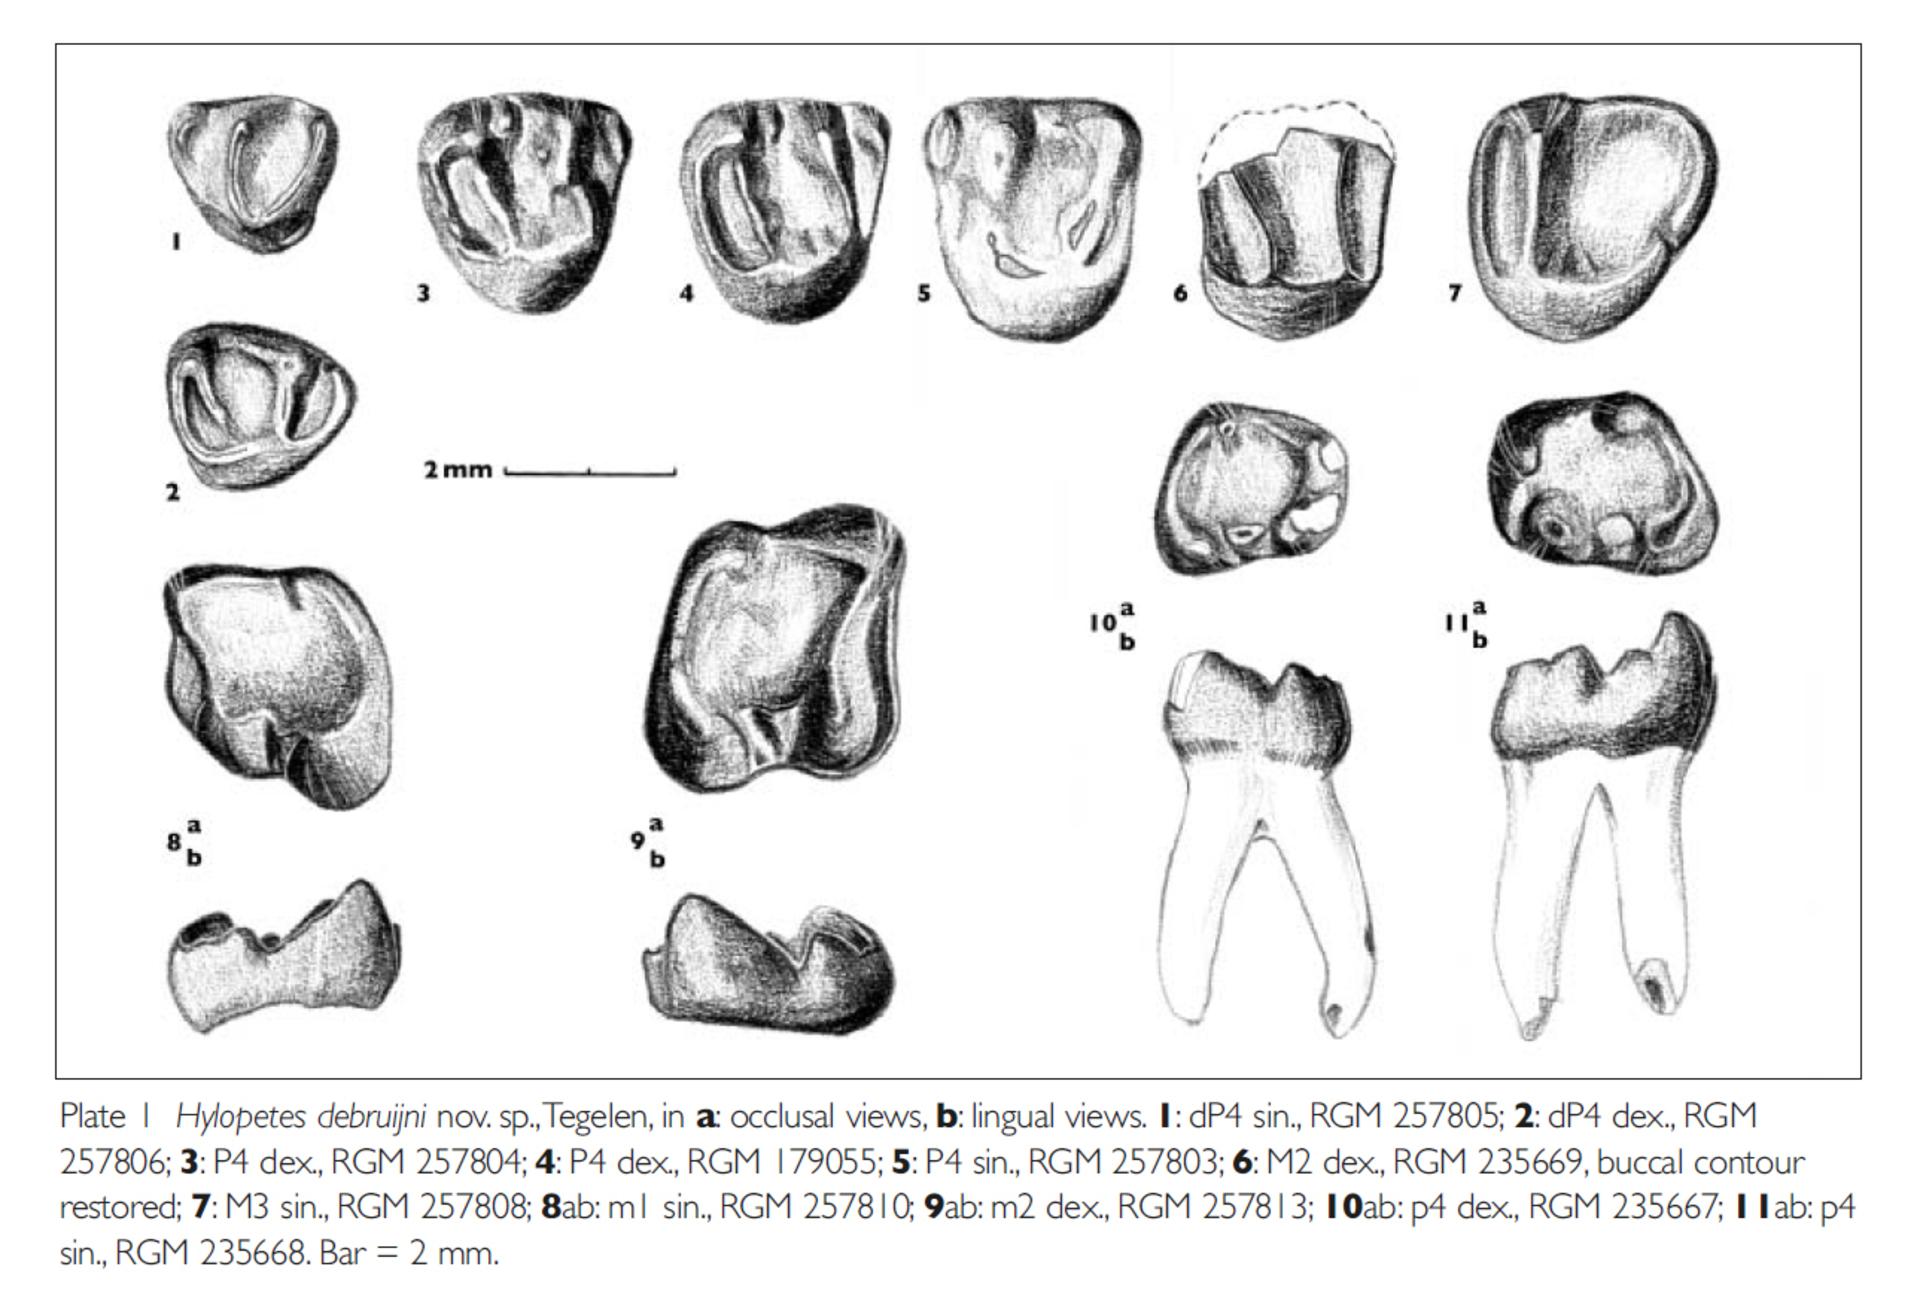 RGM.257804 | Hylopetes debruijni Reumer & van den Hoek Ostende, 2003